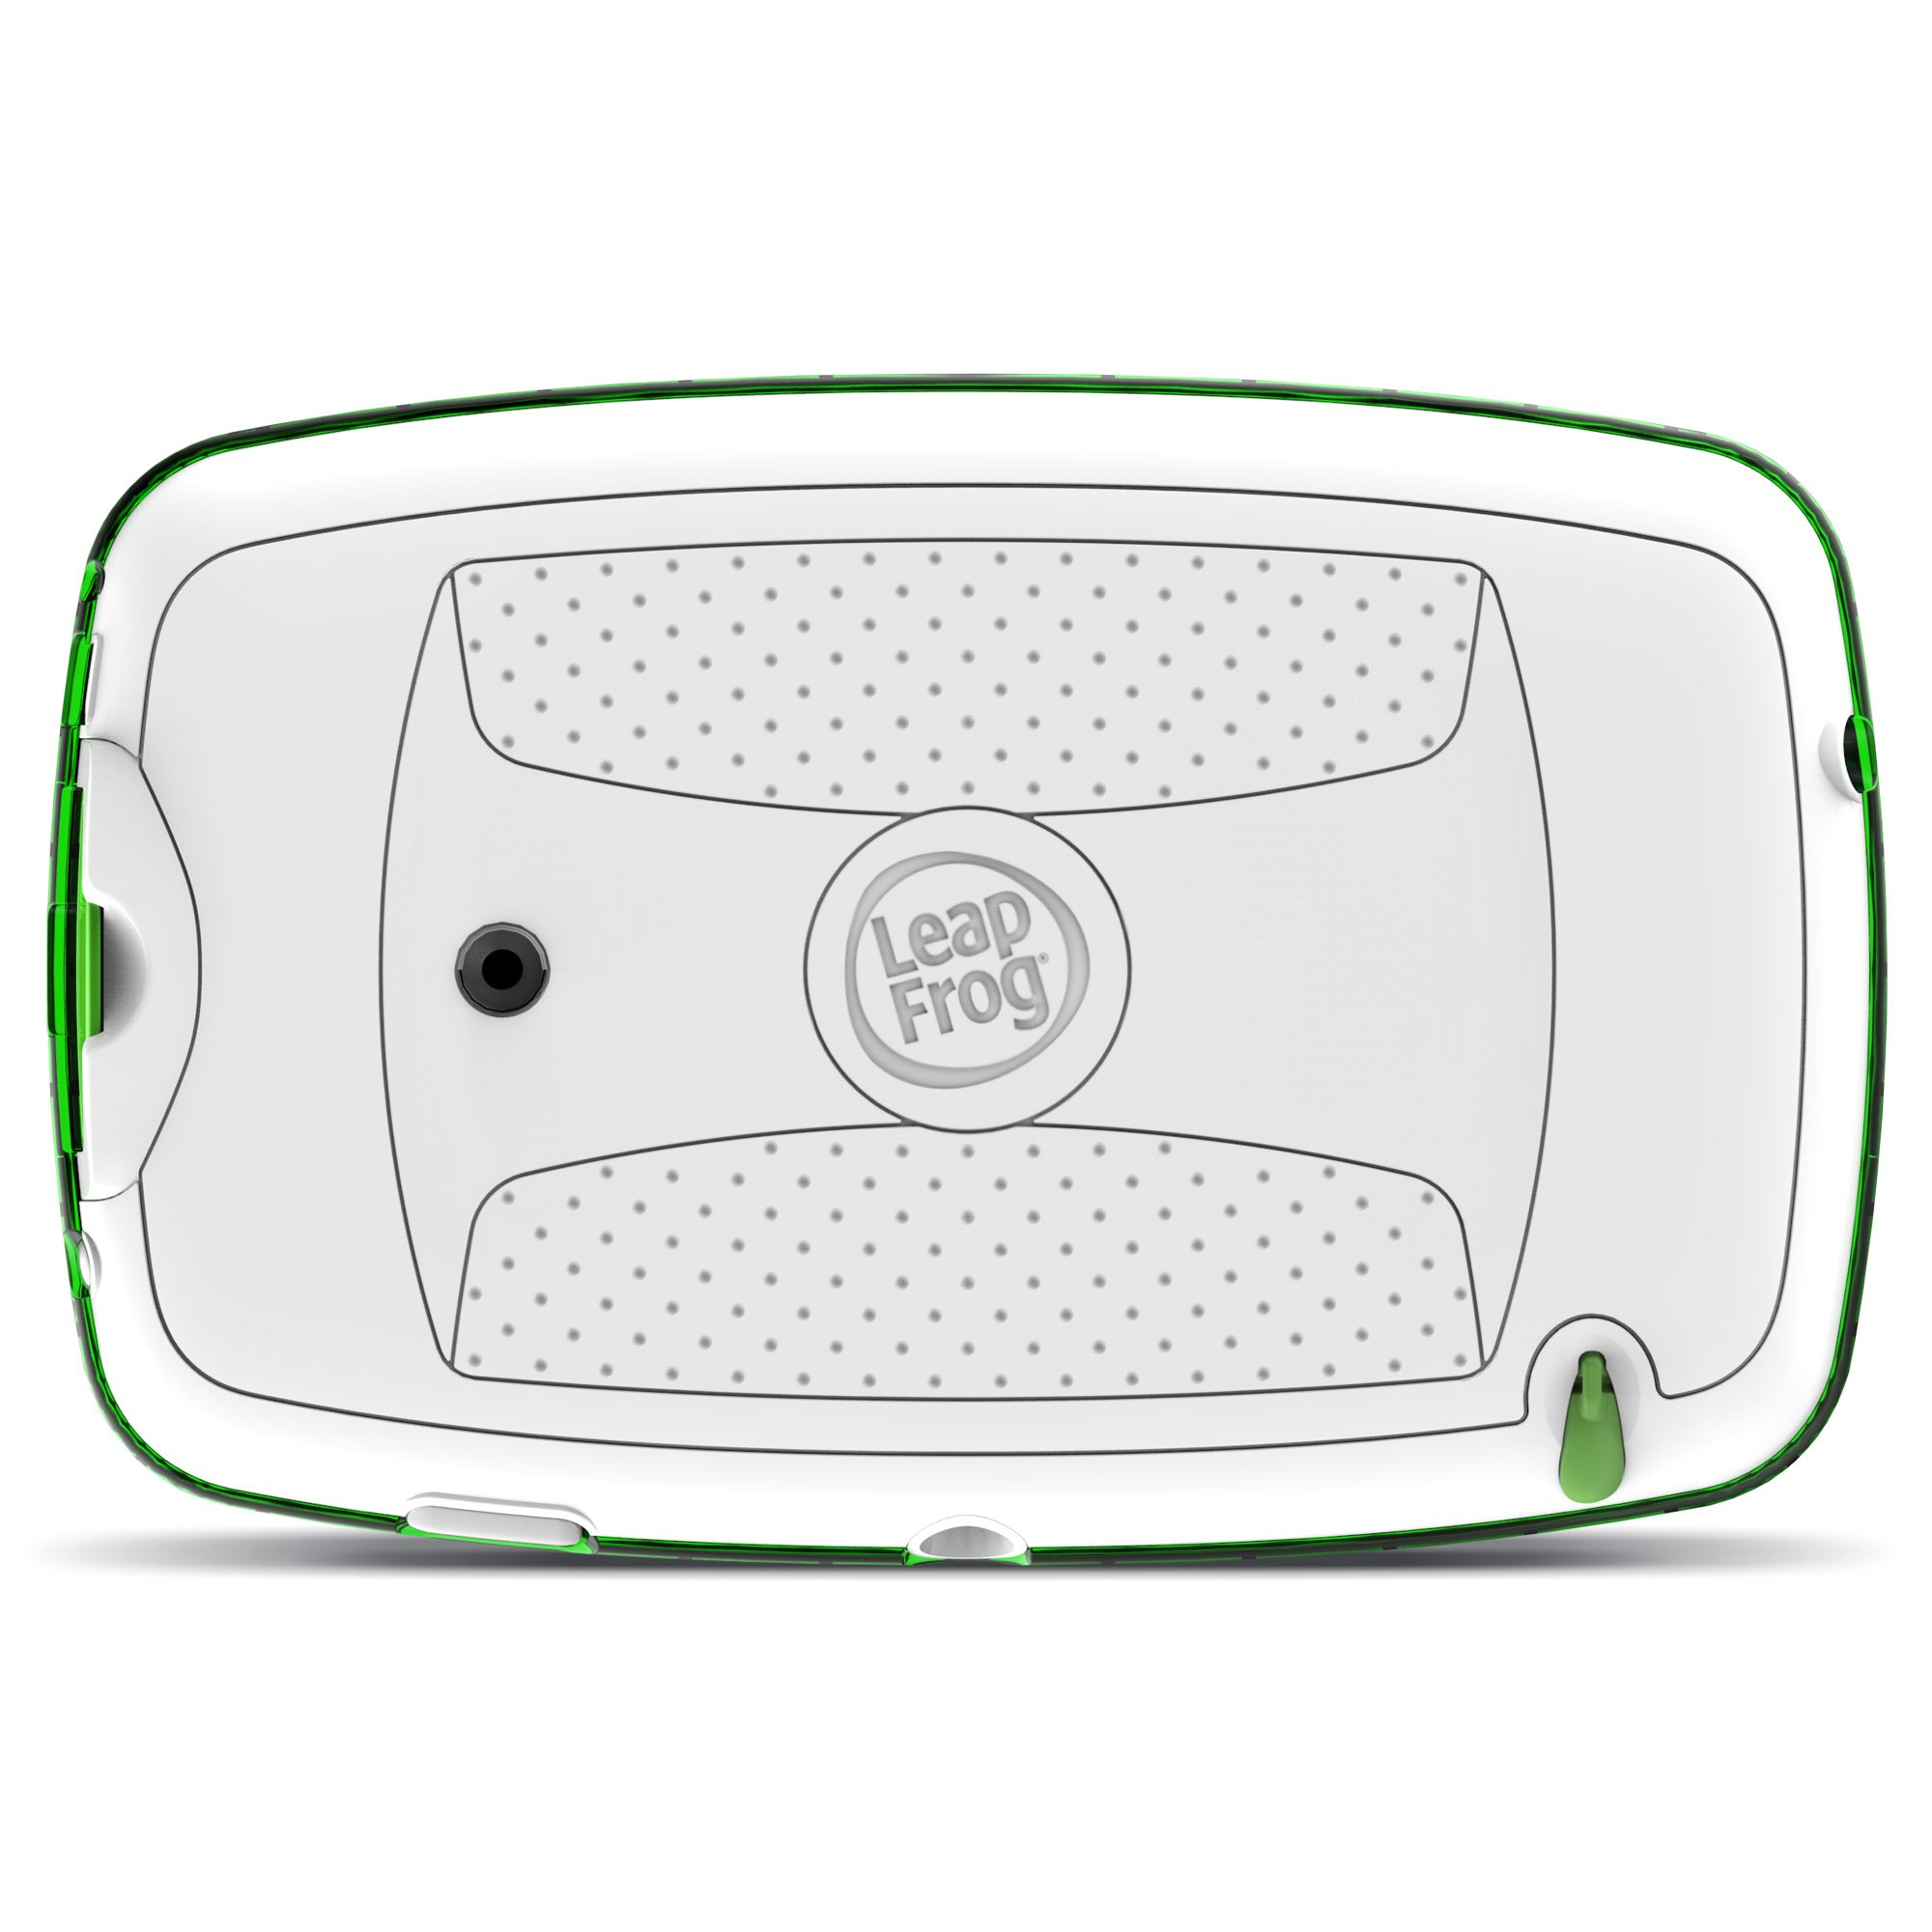 LeapFrog LeapPad Platinum Kids Learning Tablet, Green by LeapFrog. (Image #19)